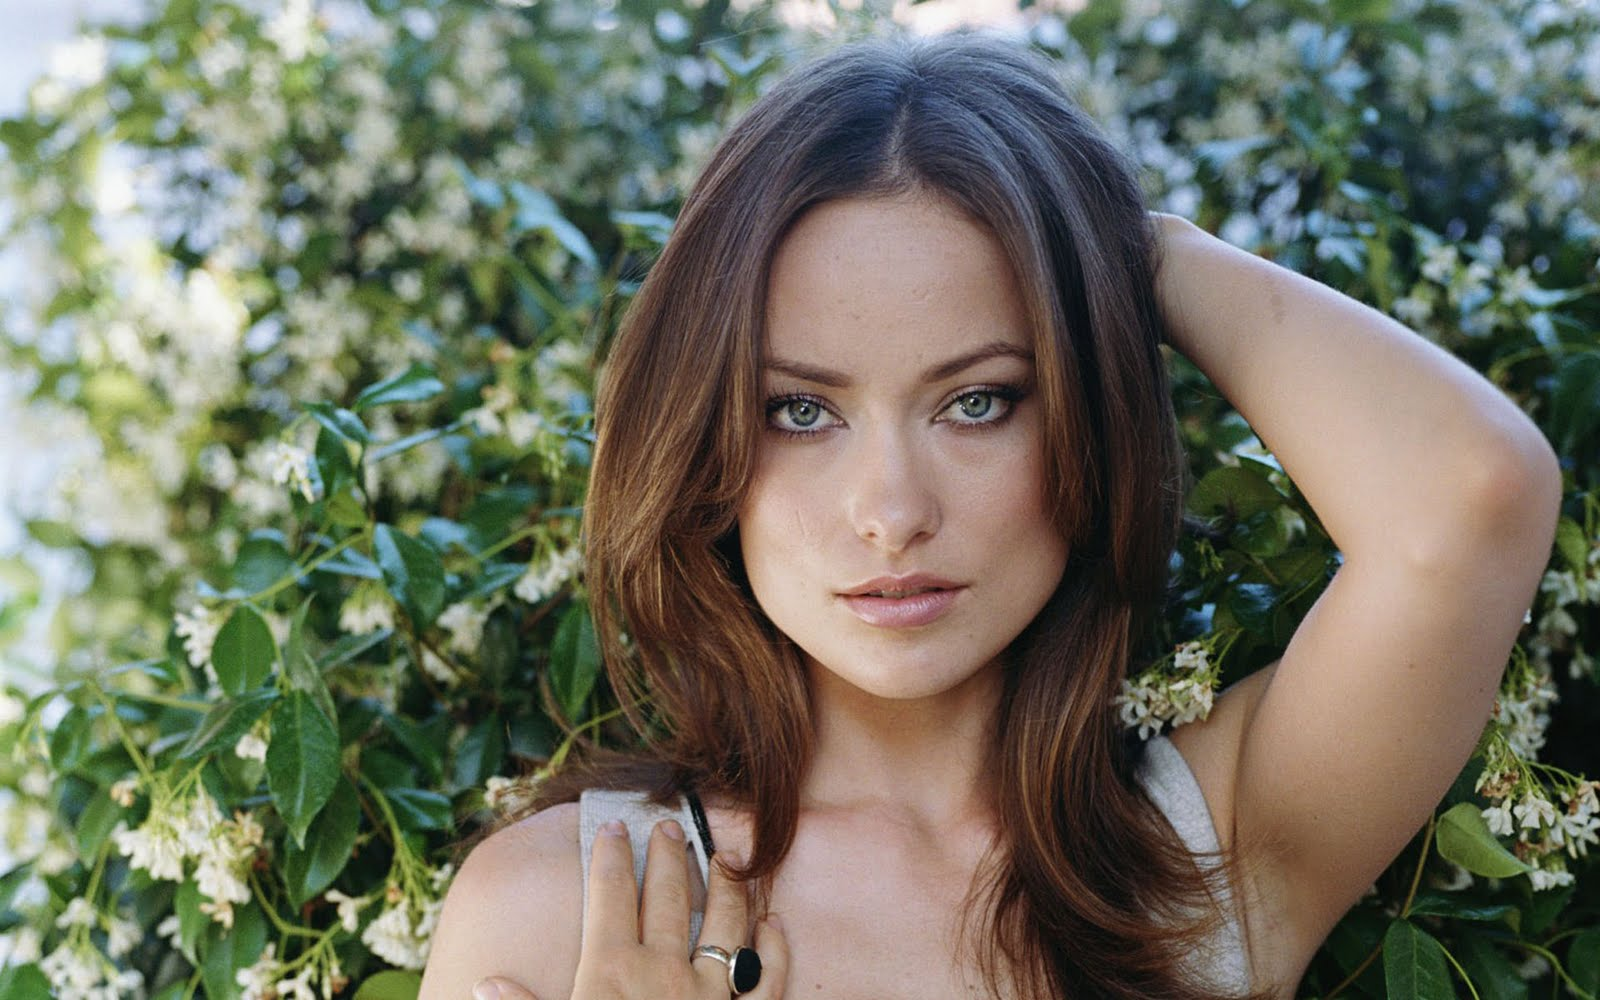 http://1.bp.blogspot.com/-E-Dd3Pq-8Vg/Tac_Bx0MLXI/AAAAAAAAAHg/xeLFJIXZai4/s1600/Cute+Girl+%252841%2529.jpg